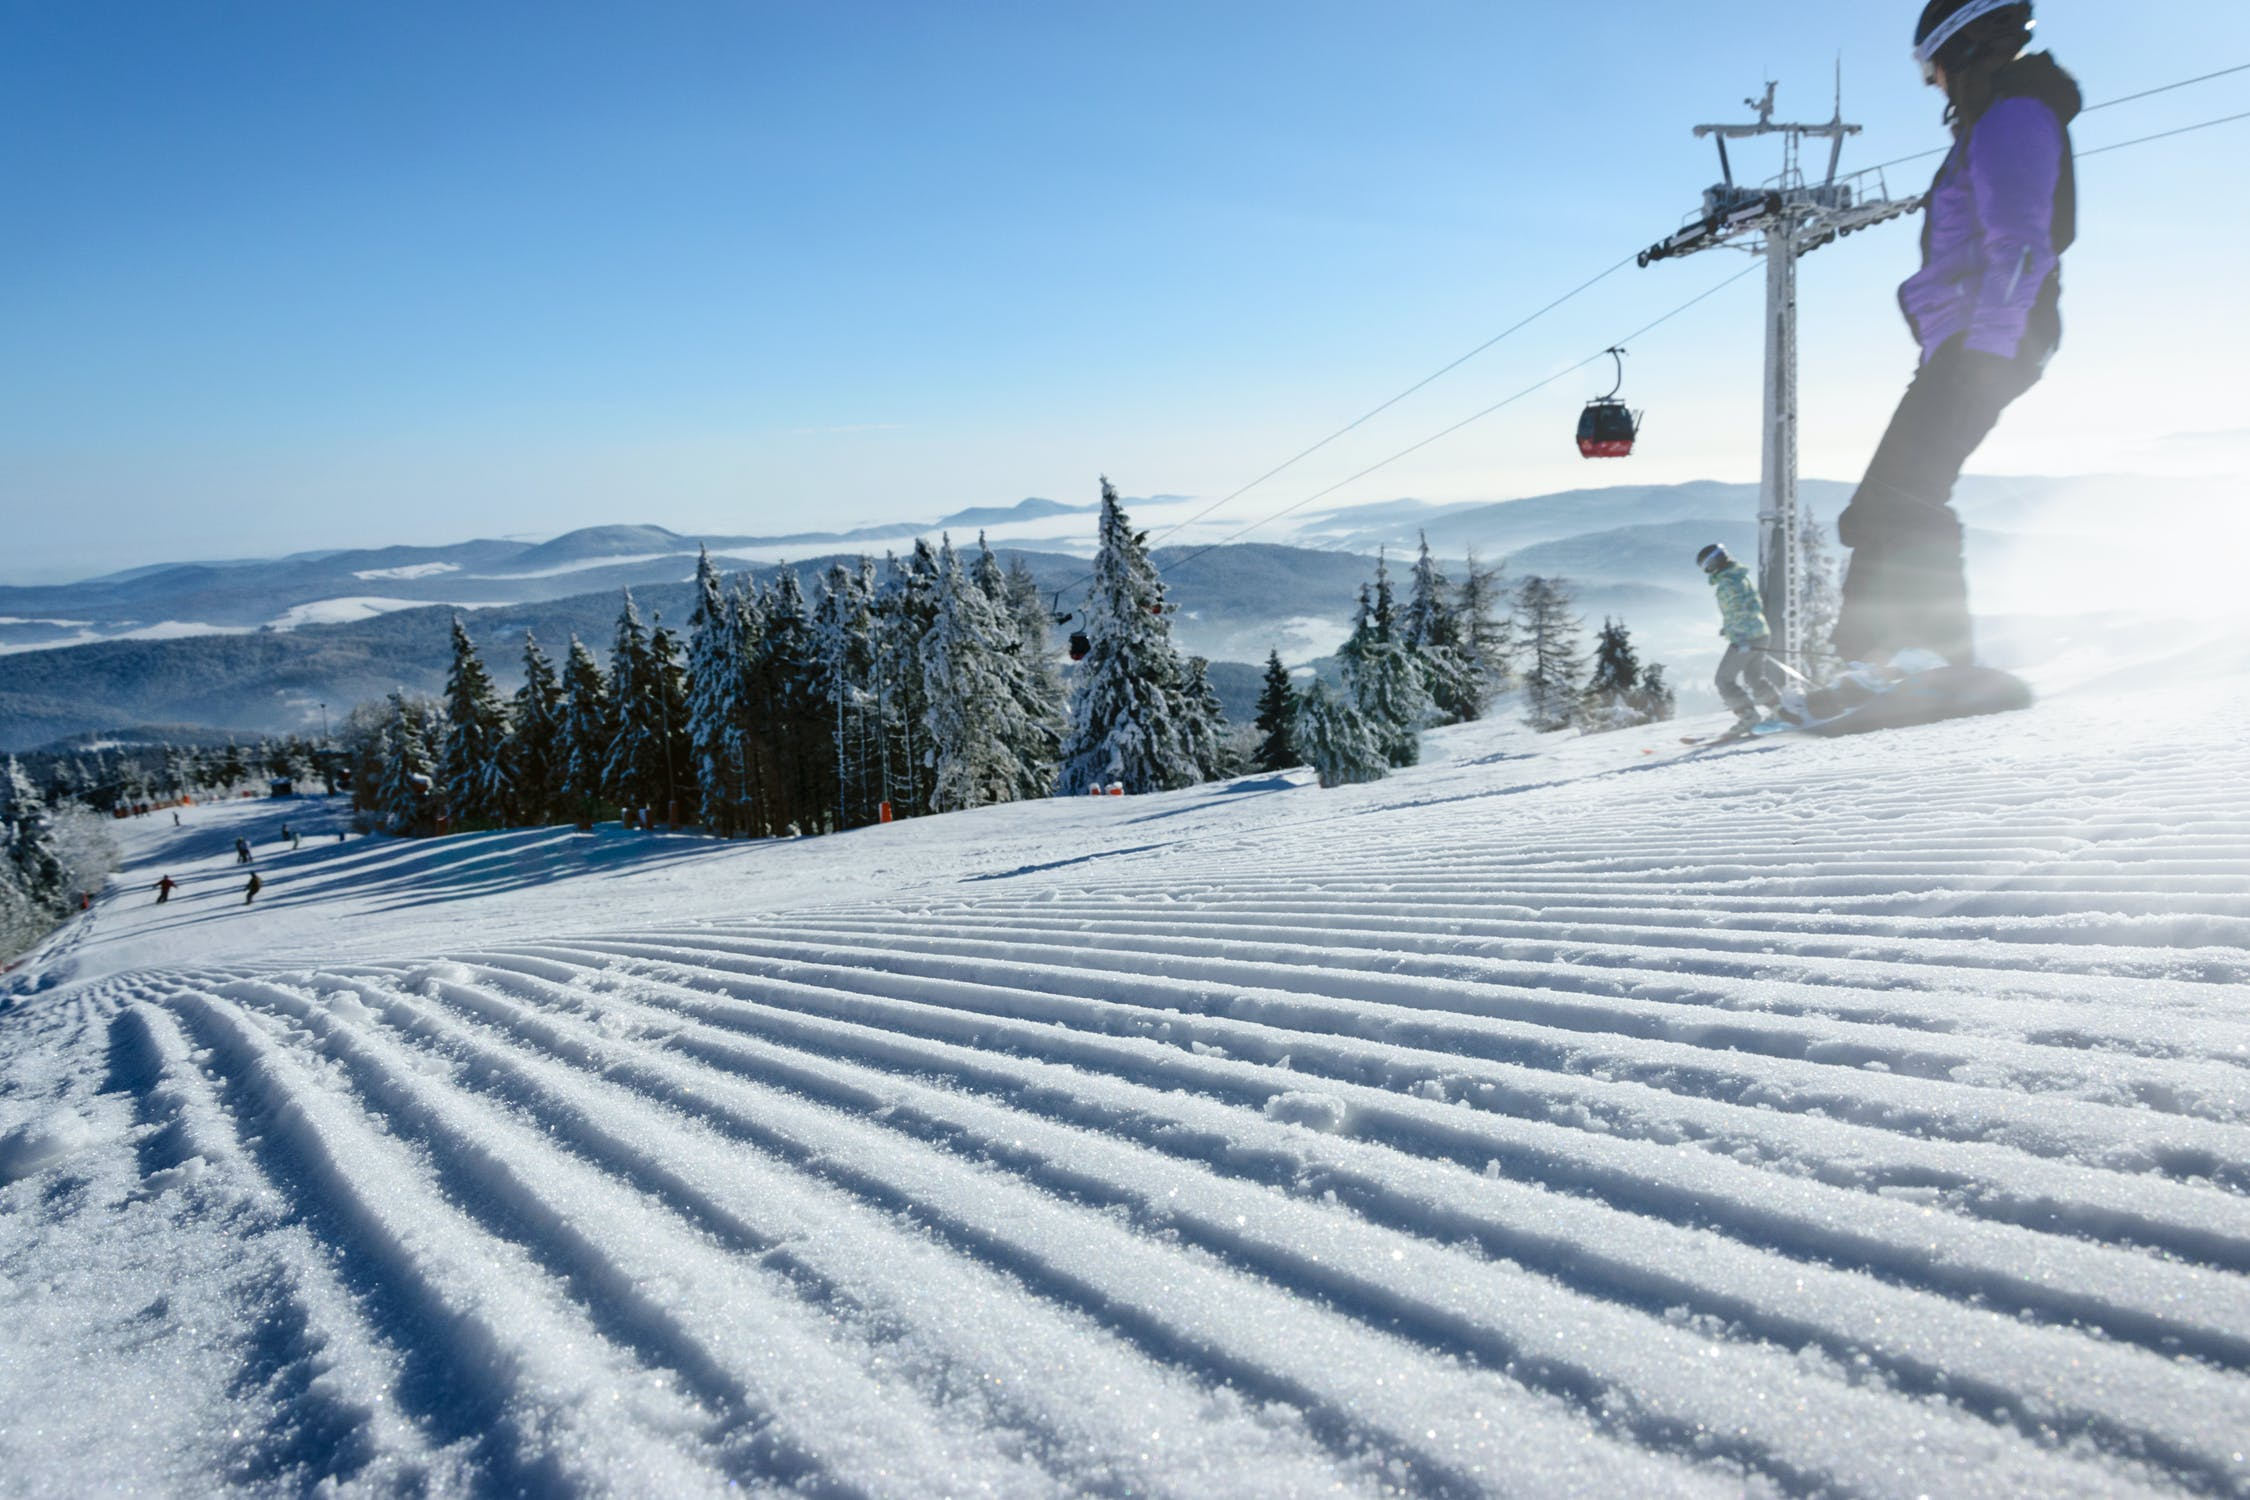 Vista pista da scii circondata da alberi alti e verdi con dei ragazzi che sciano e dietro una funivia